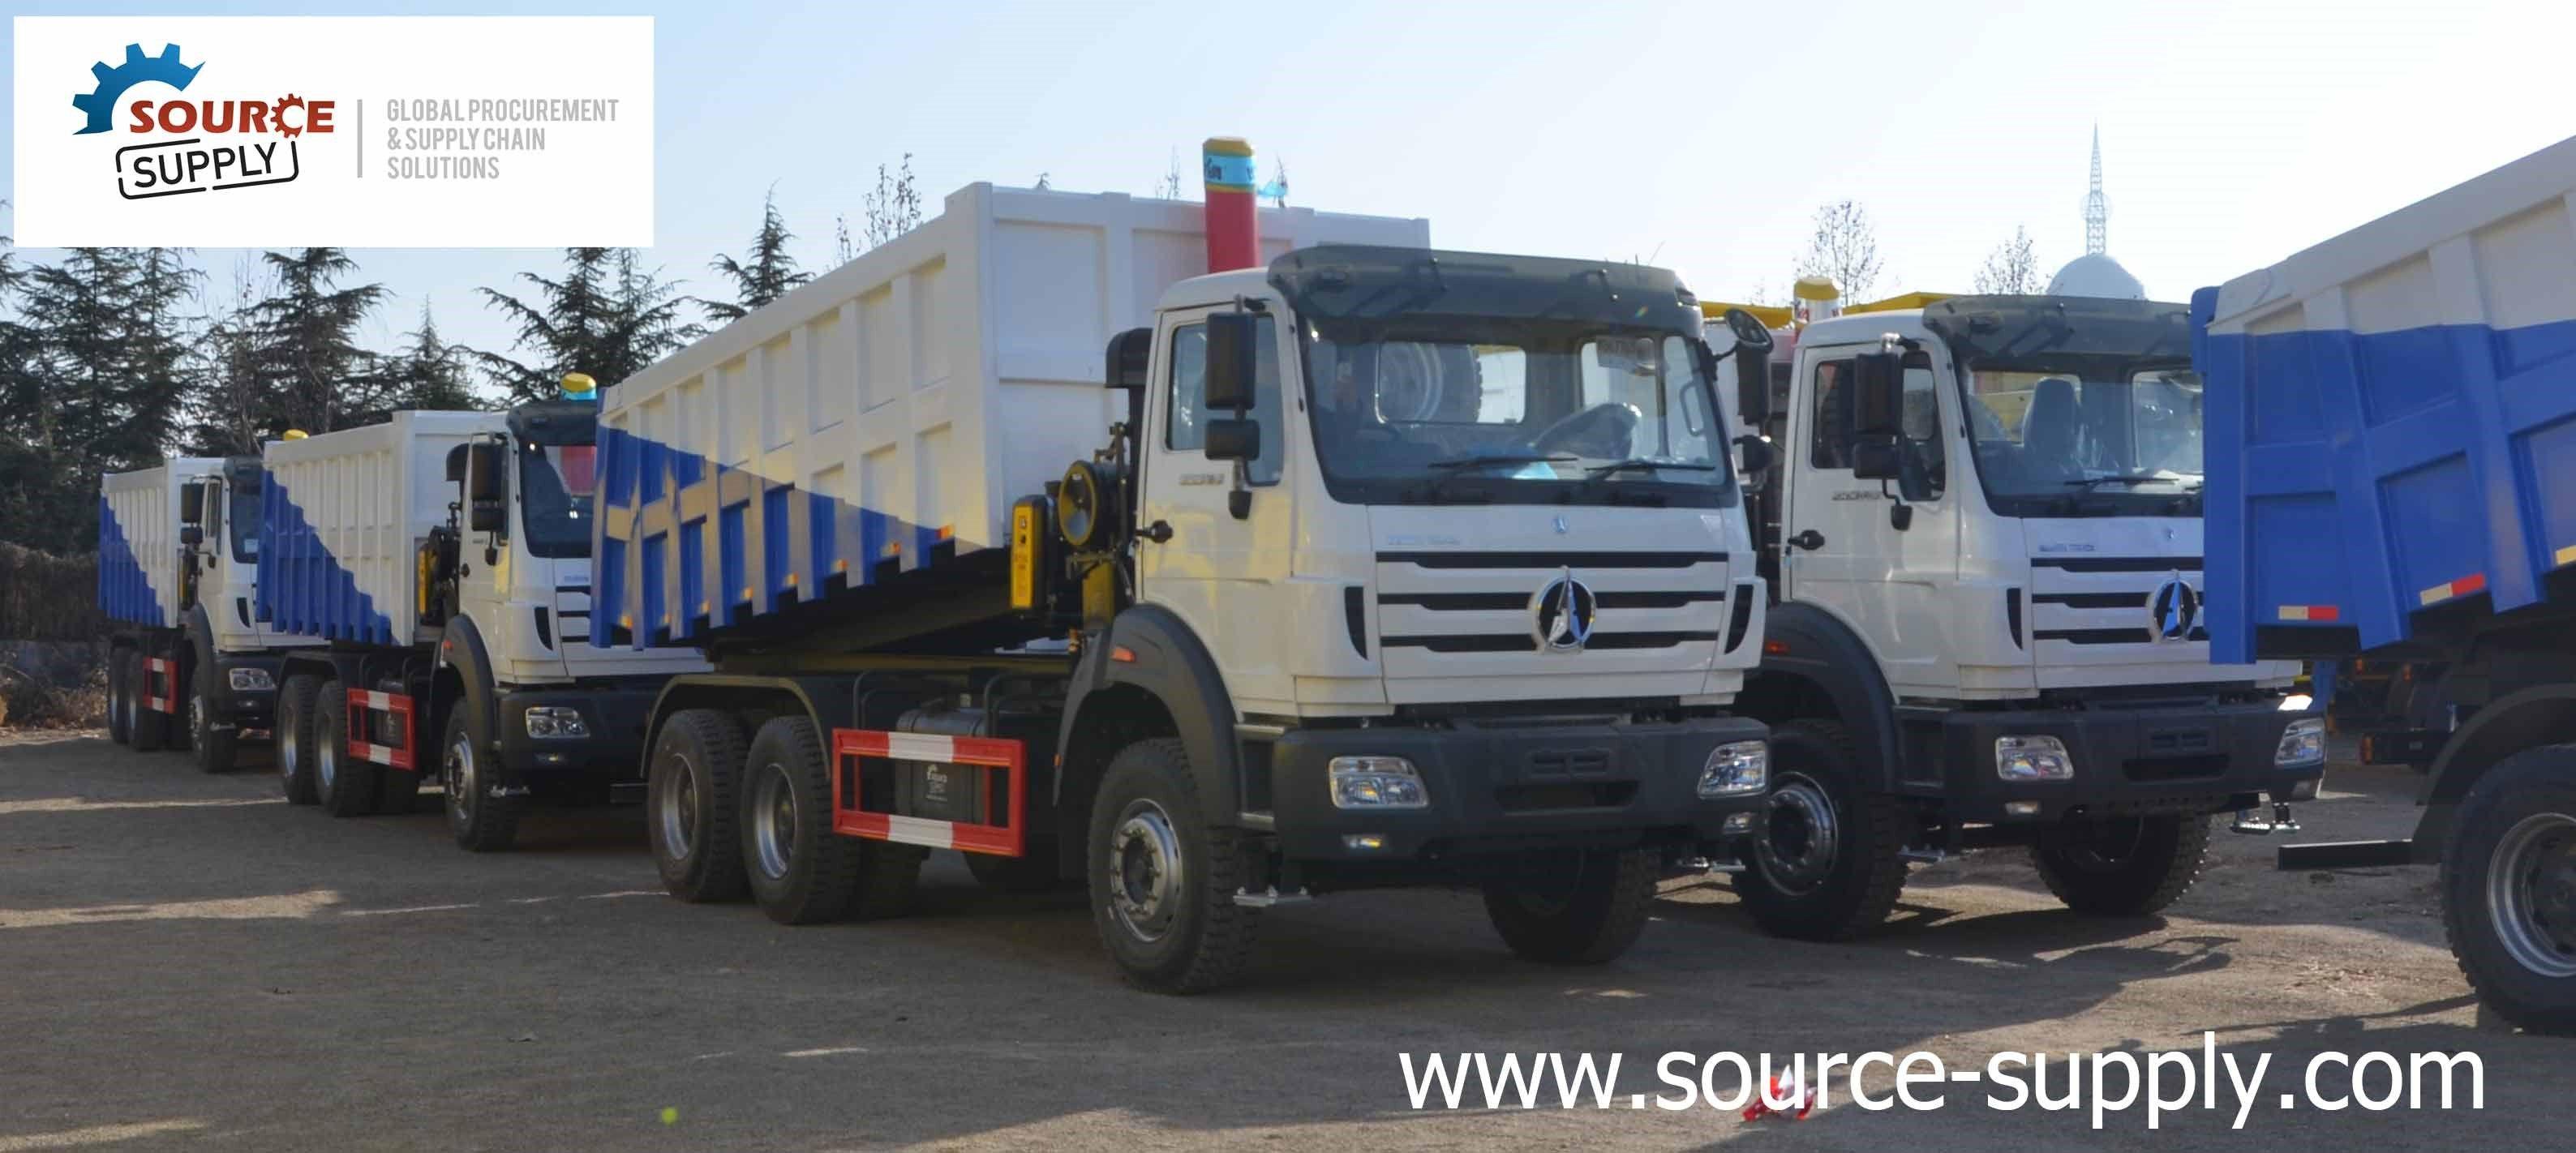 Source Supply New Trucks Tipper Truck Trucks